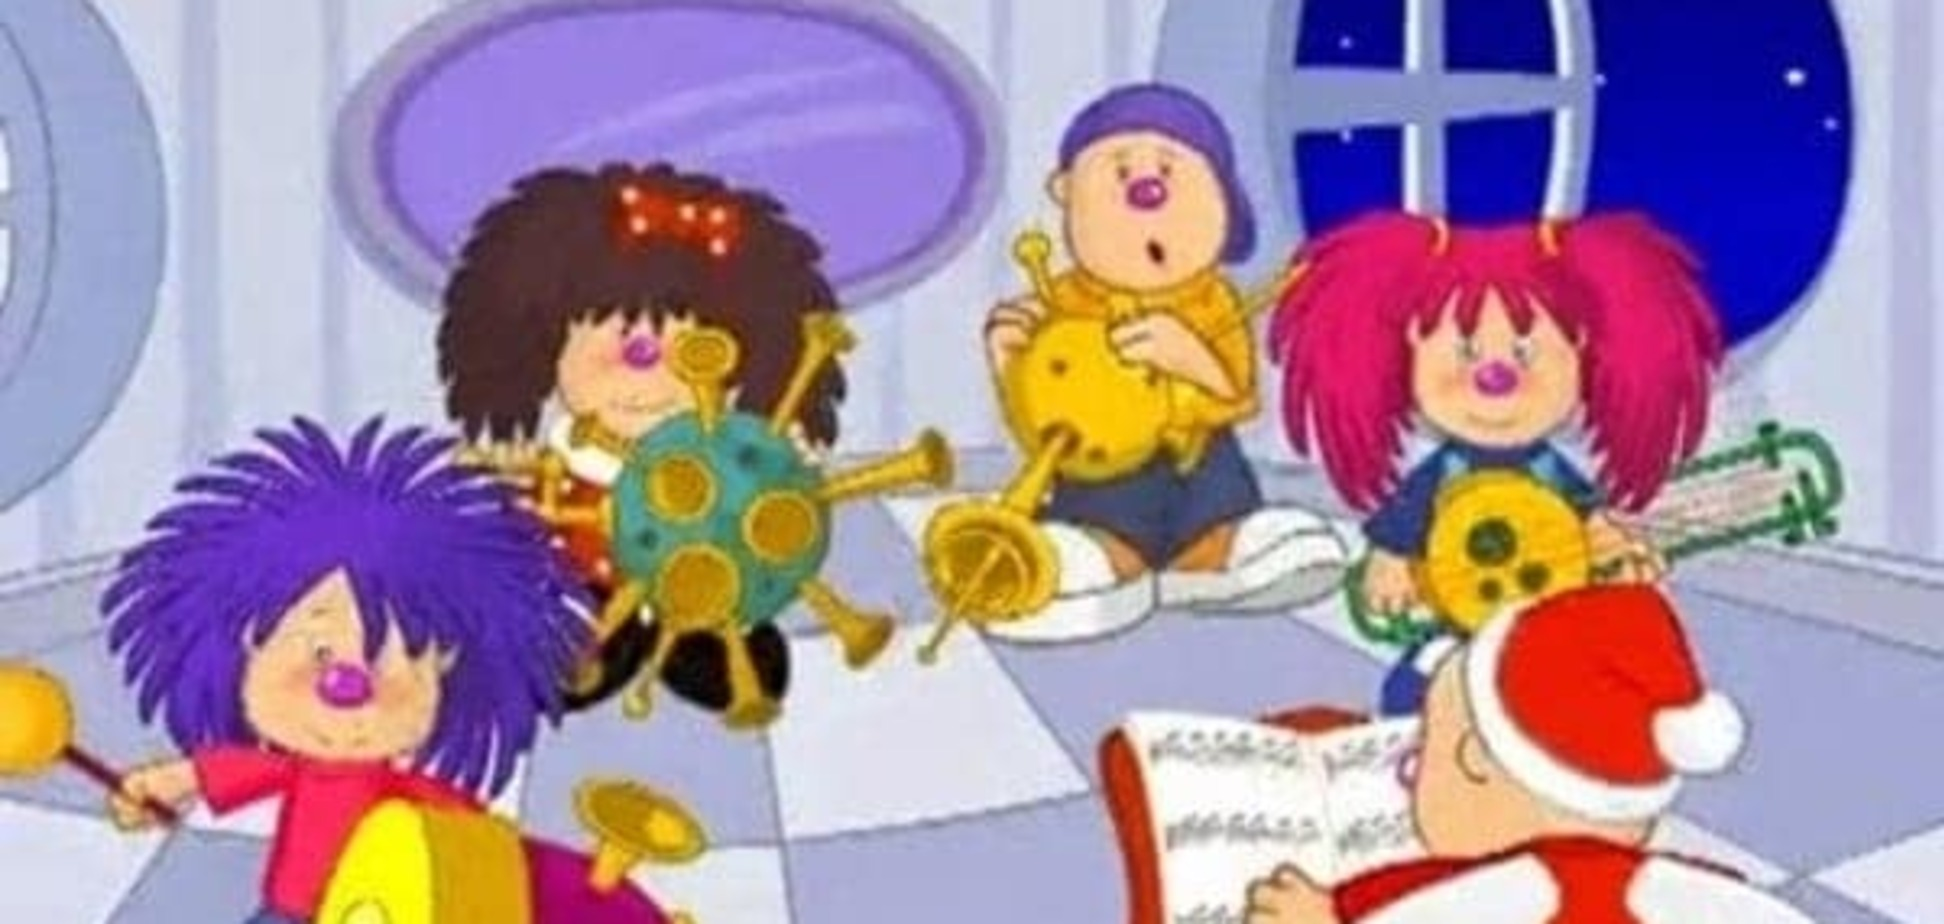 Музично-ритмічні ігри – важлива складова музичного виховання дітей молодшого шкільного віку